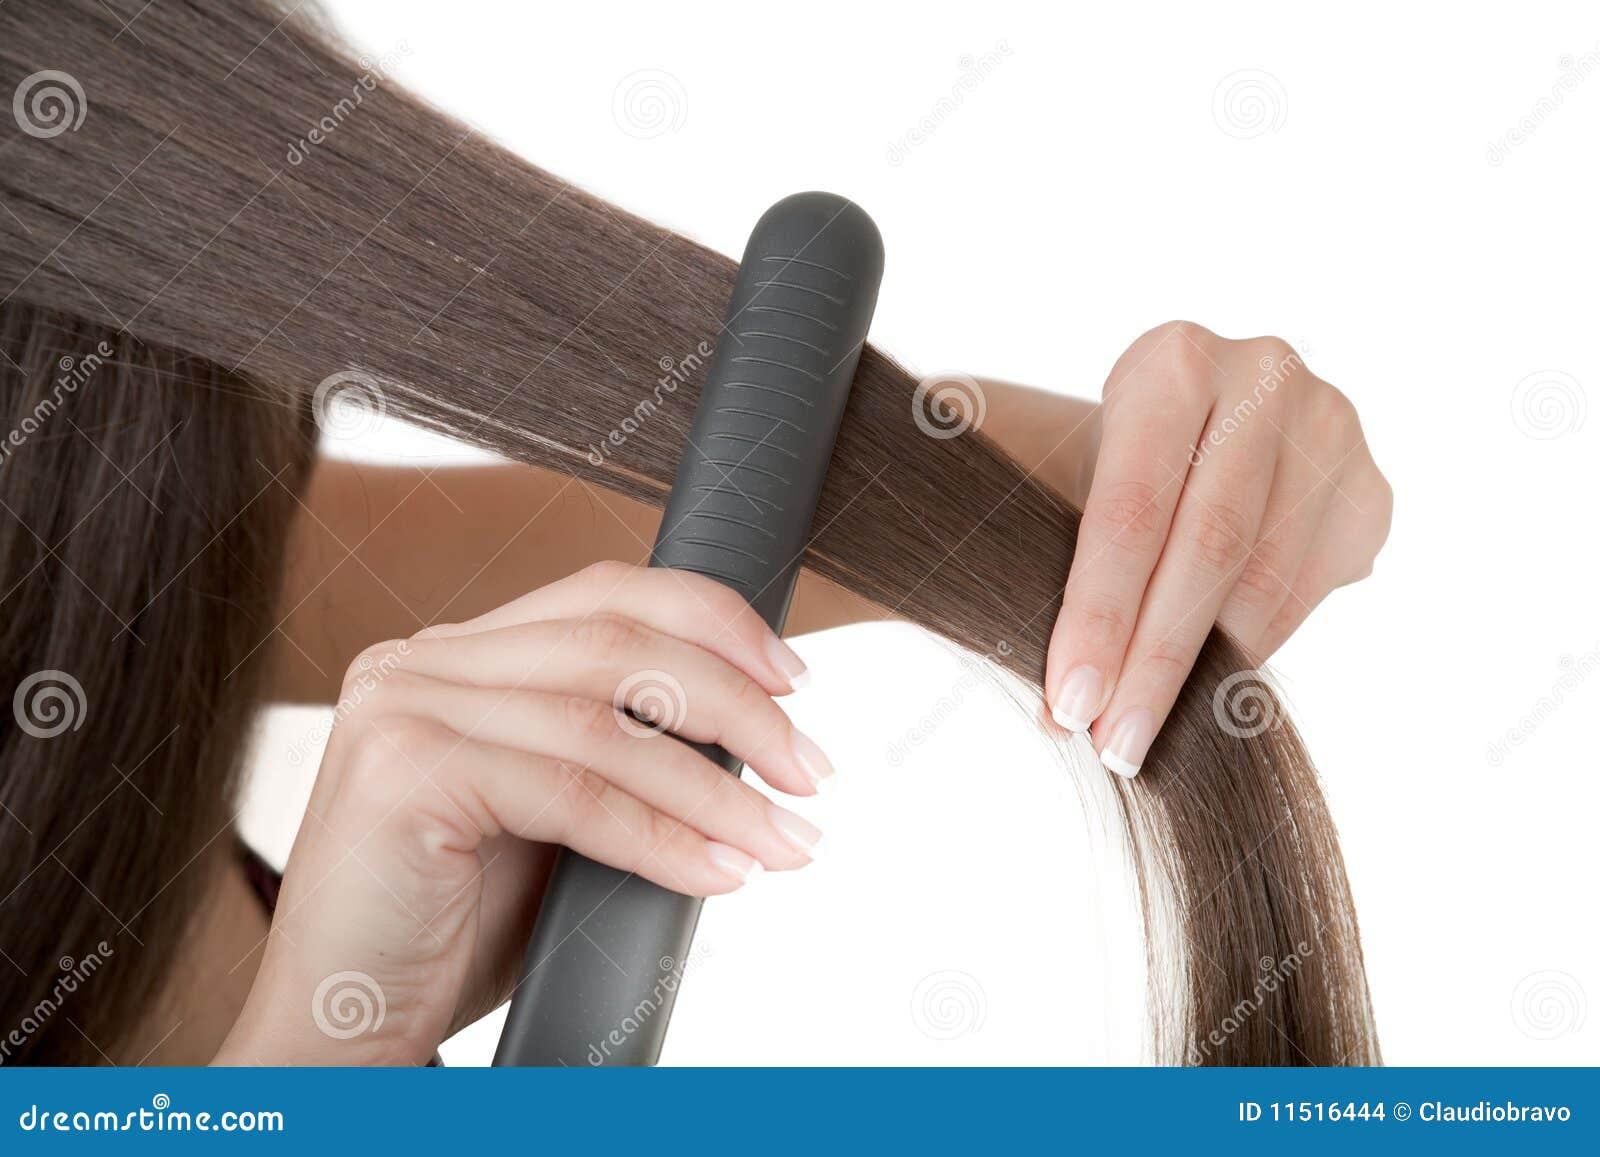 Как без утюжка выпрямить волосы - 7 лучших способов с фото 74